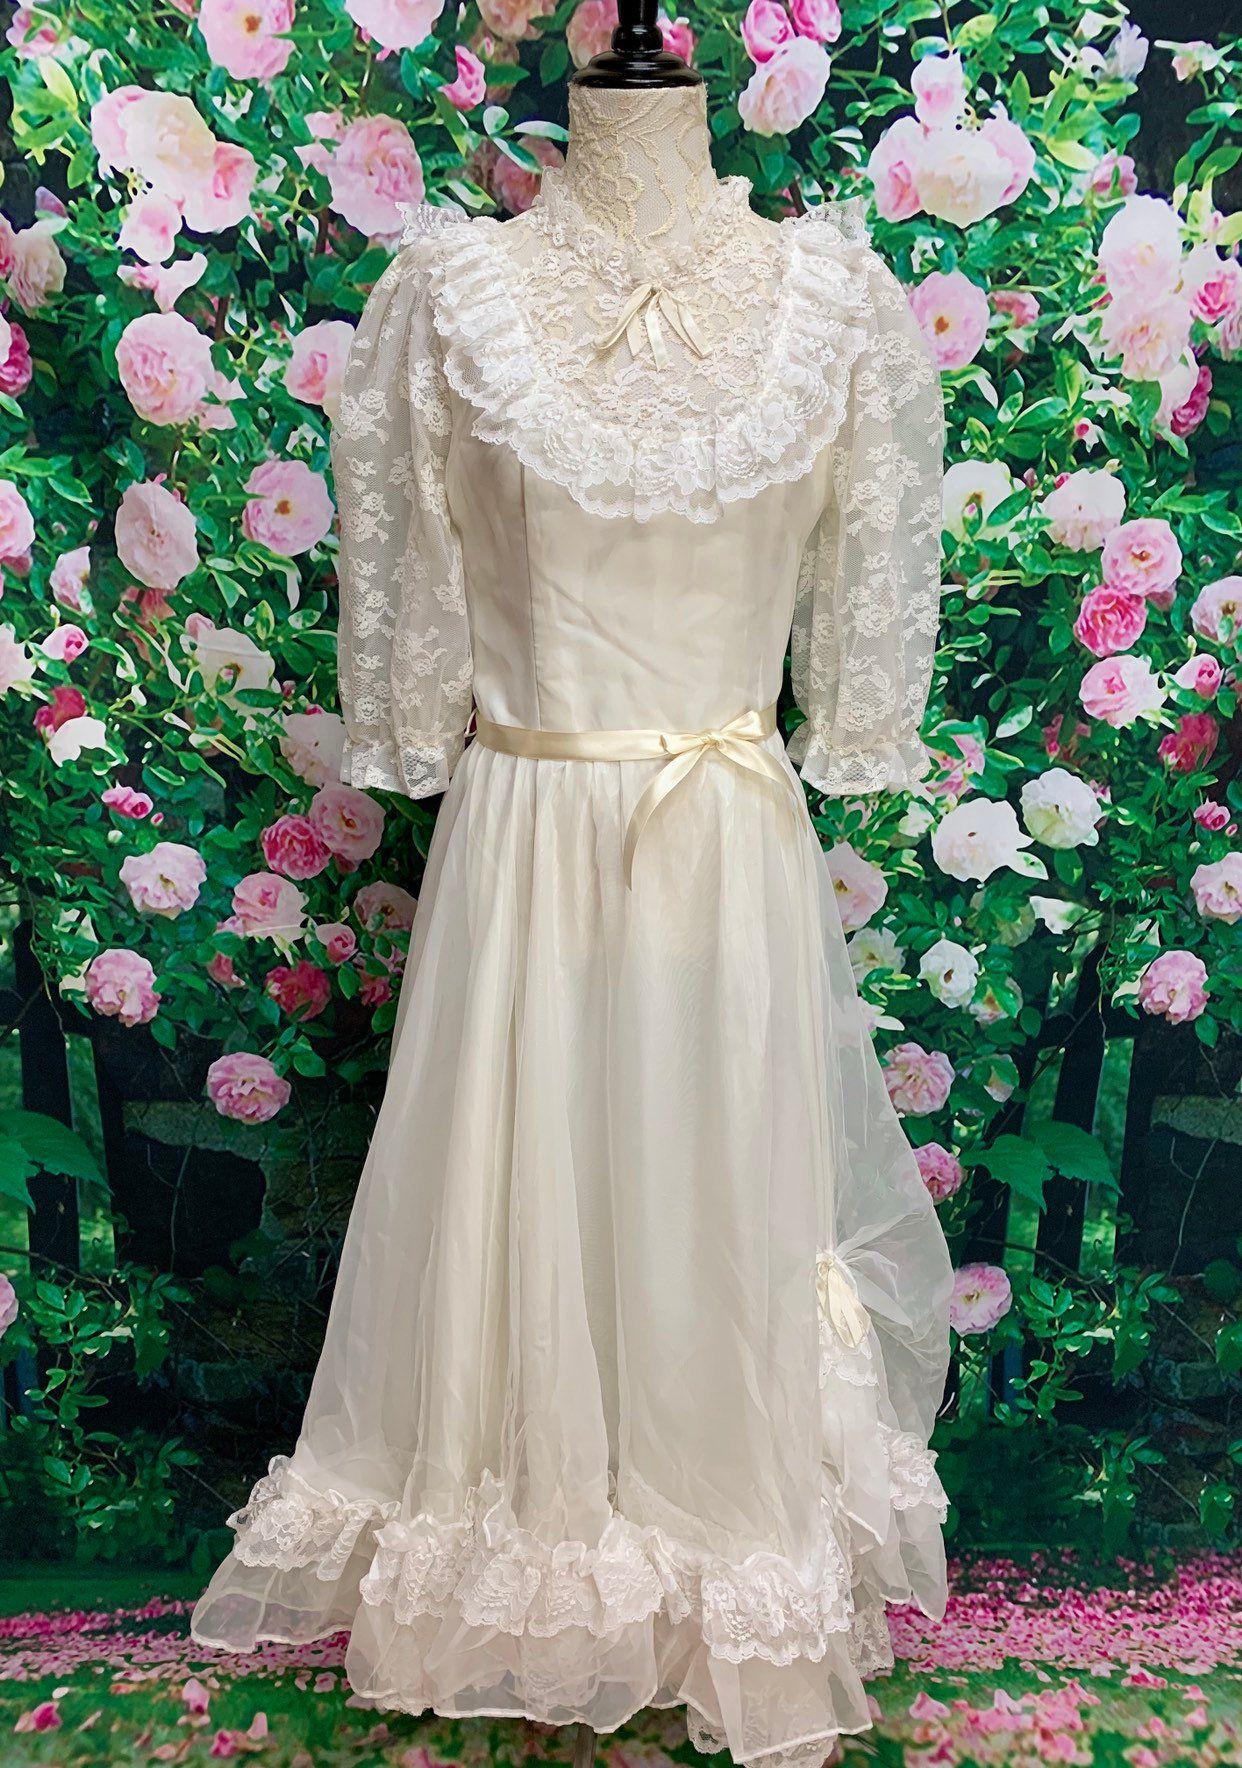 70s White Lace Dress Southern Belle Fancy Frocks Ruffles Etsy Lace White Dress Southern Belle Dress Fancy Frocks [ 1768 x 1242 Pixel ]